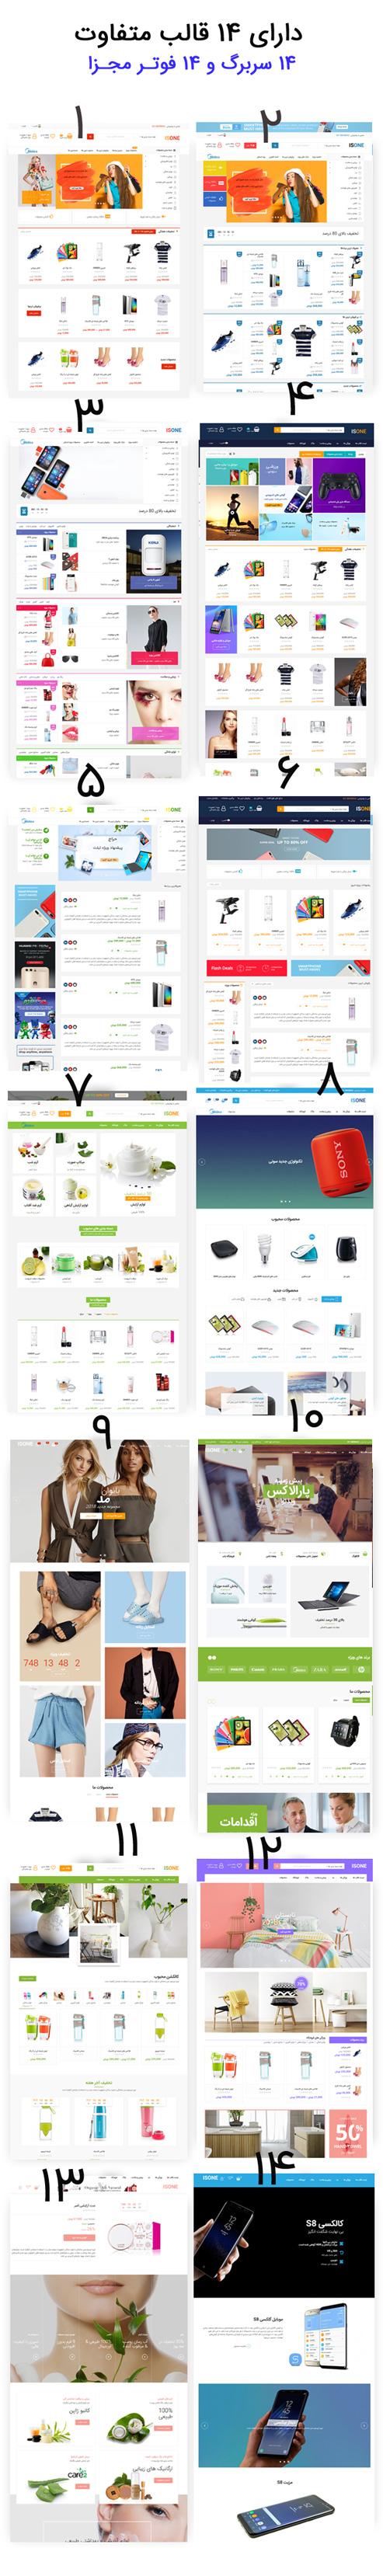 قالب فروشگاهی وردپرسIsOne | قالب فروشگاهی وردپرس ایز وان | قالب حرفه ای ایزوان |قالب وردپرس ووکامرس IsOne